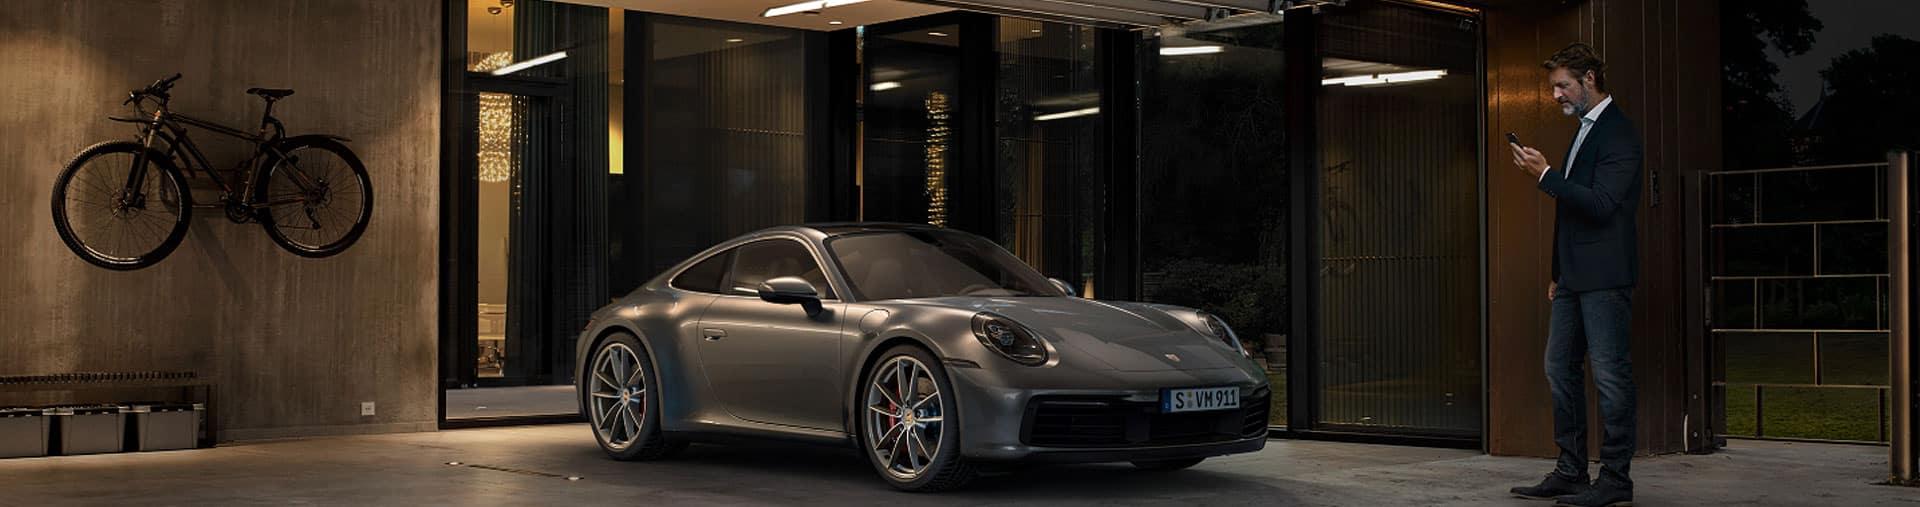 Porsche of the Village Porsche Connect Available Today